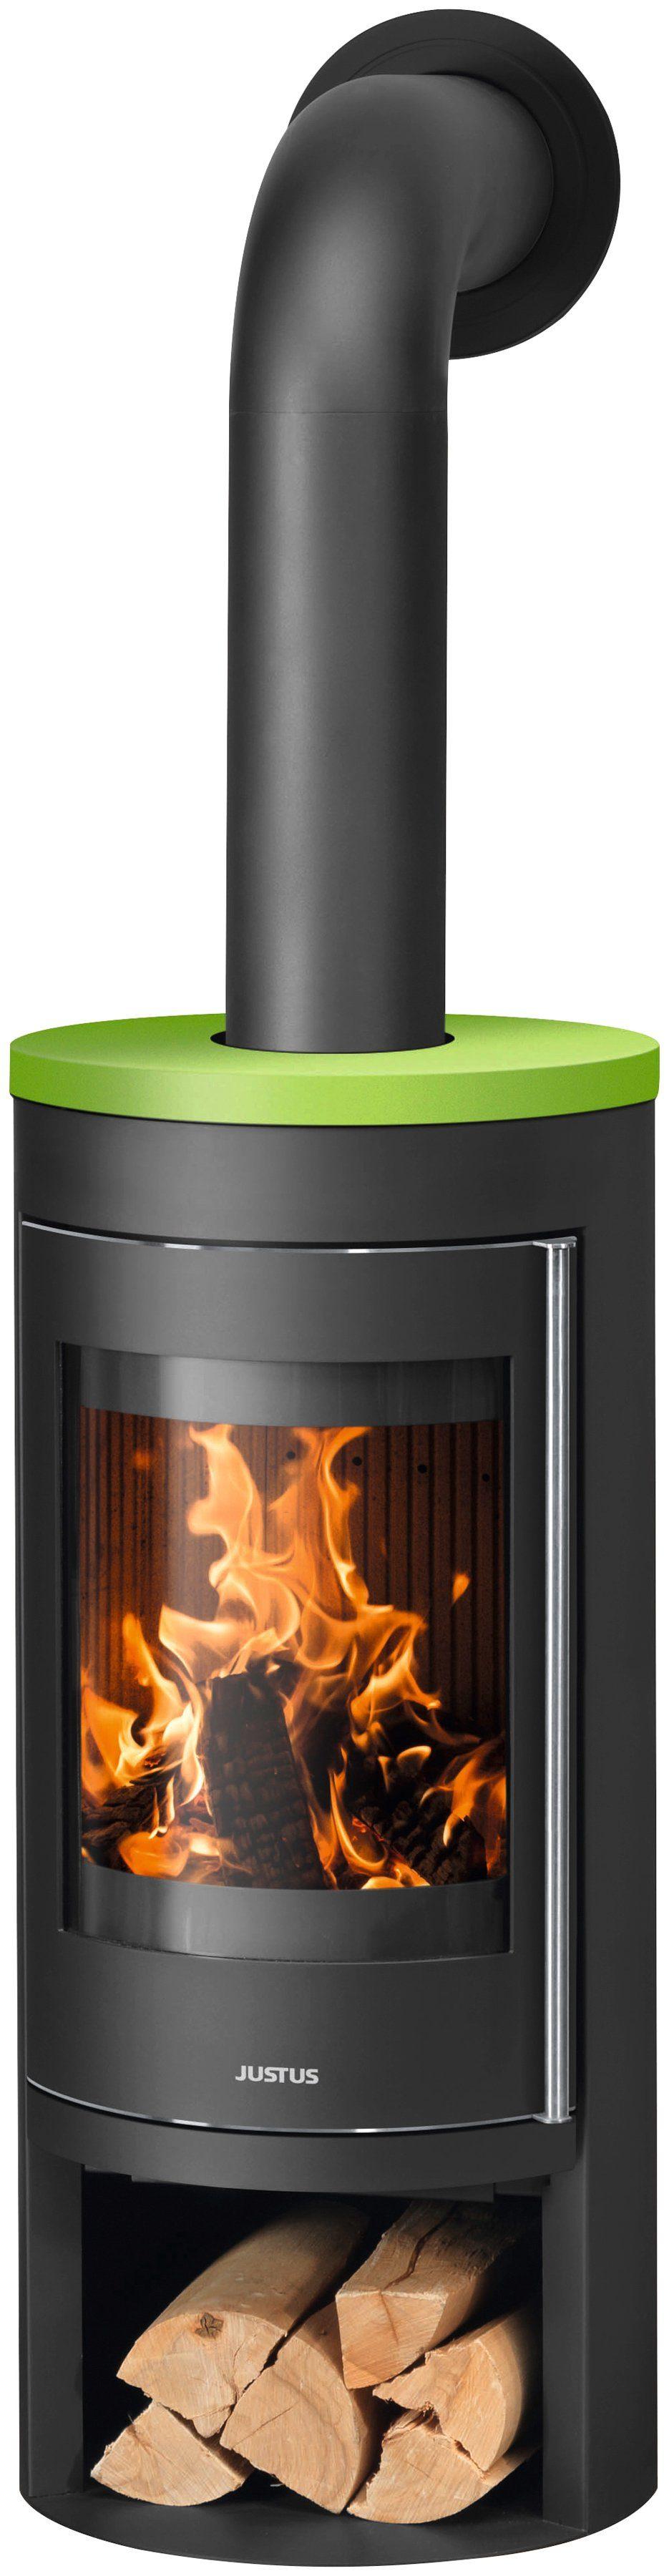 JUSTUS Kaminofen »Mino 2.0 Apple«, Stahl/Keramik, 5 kW, Vermiculite